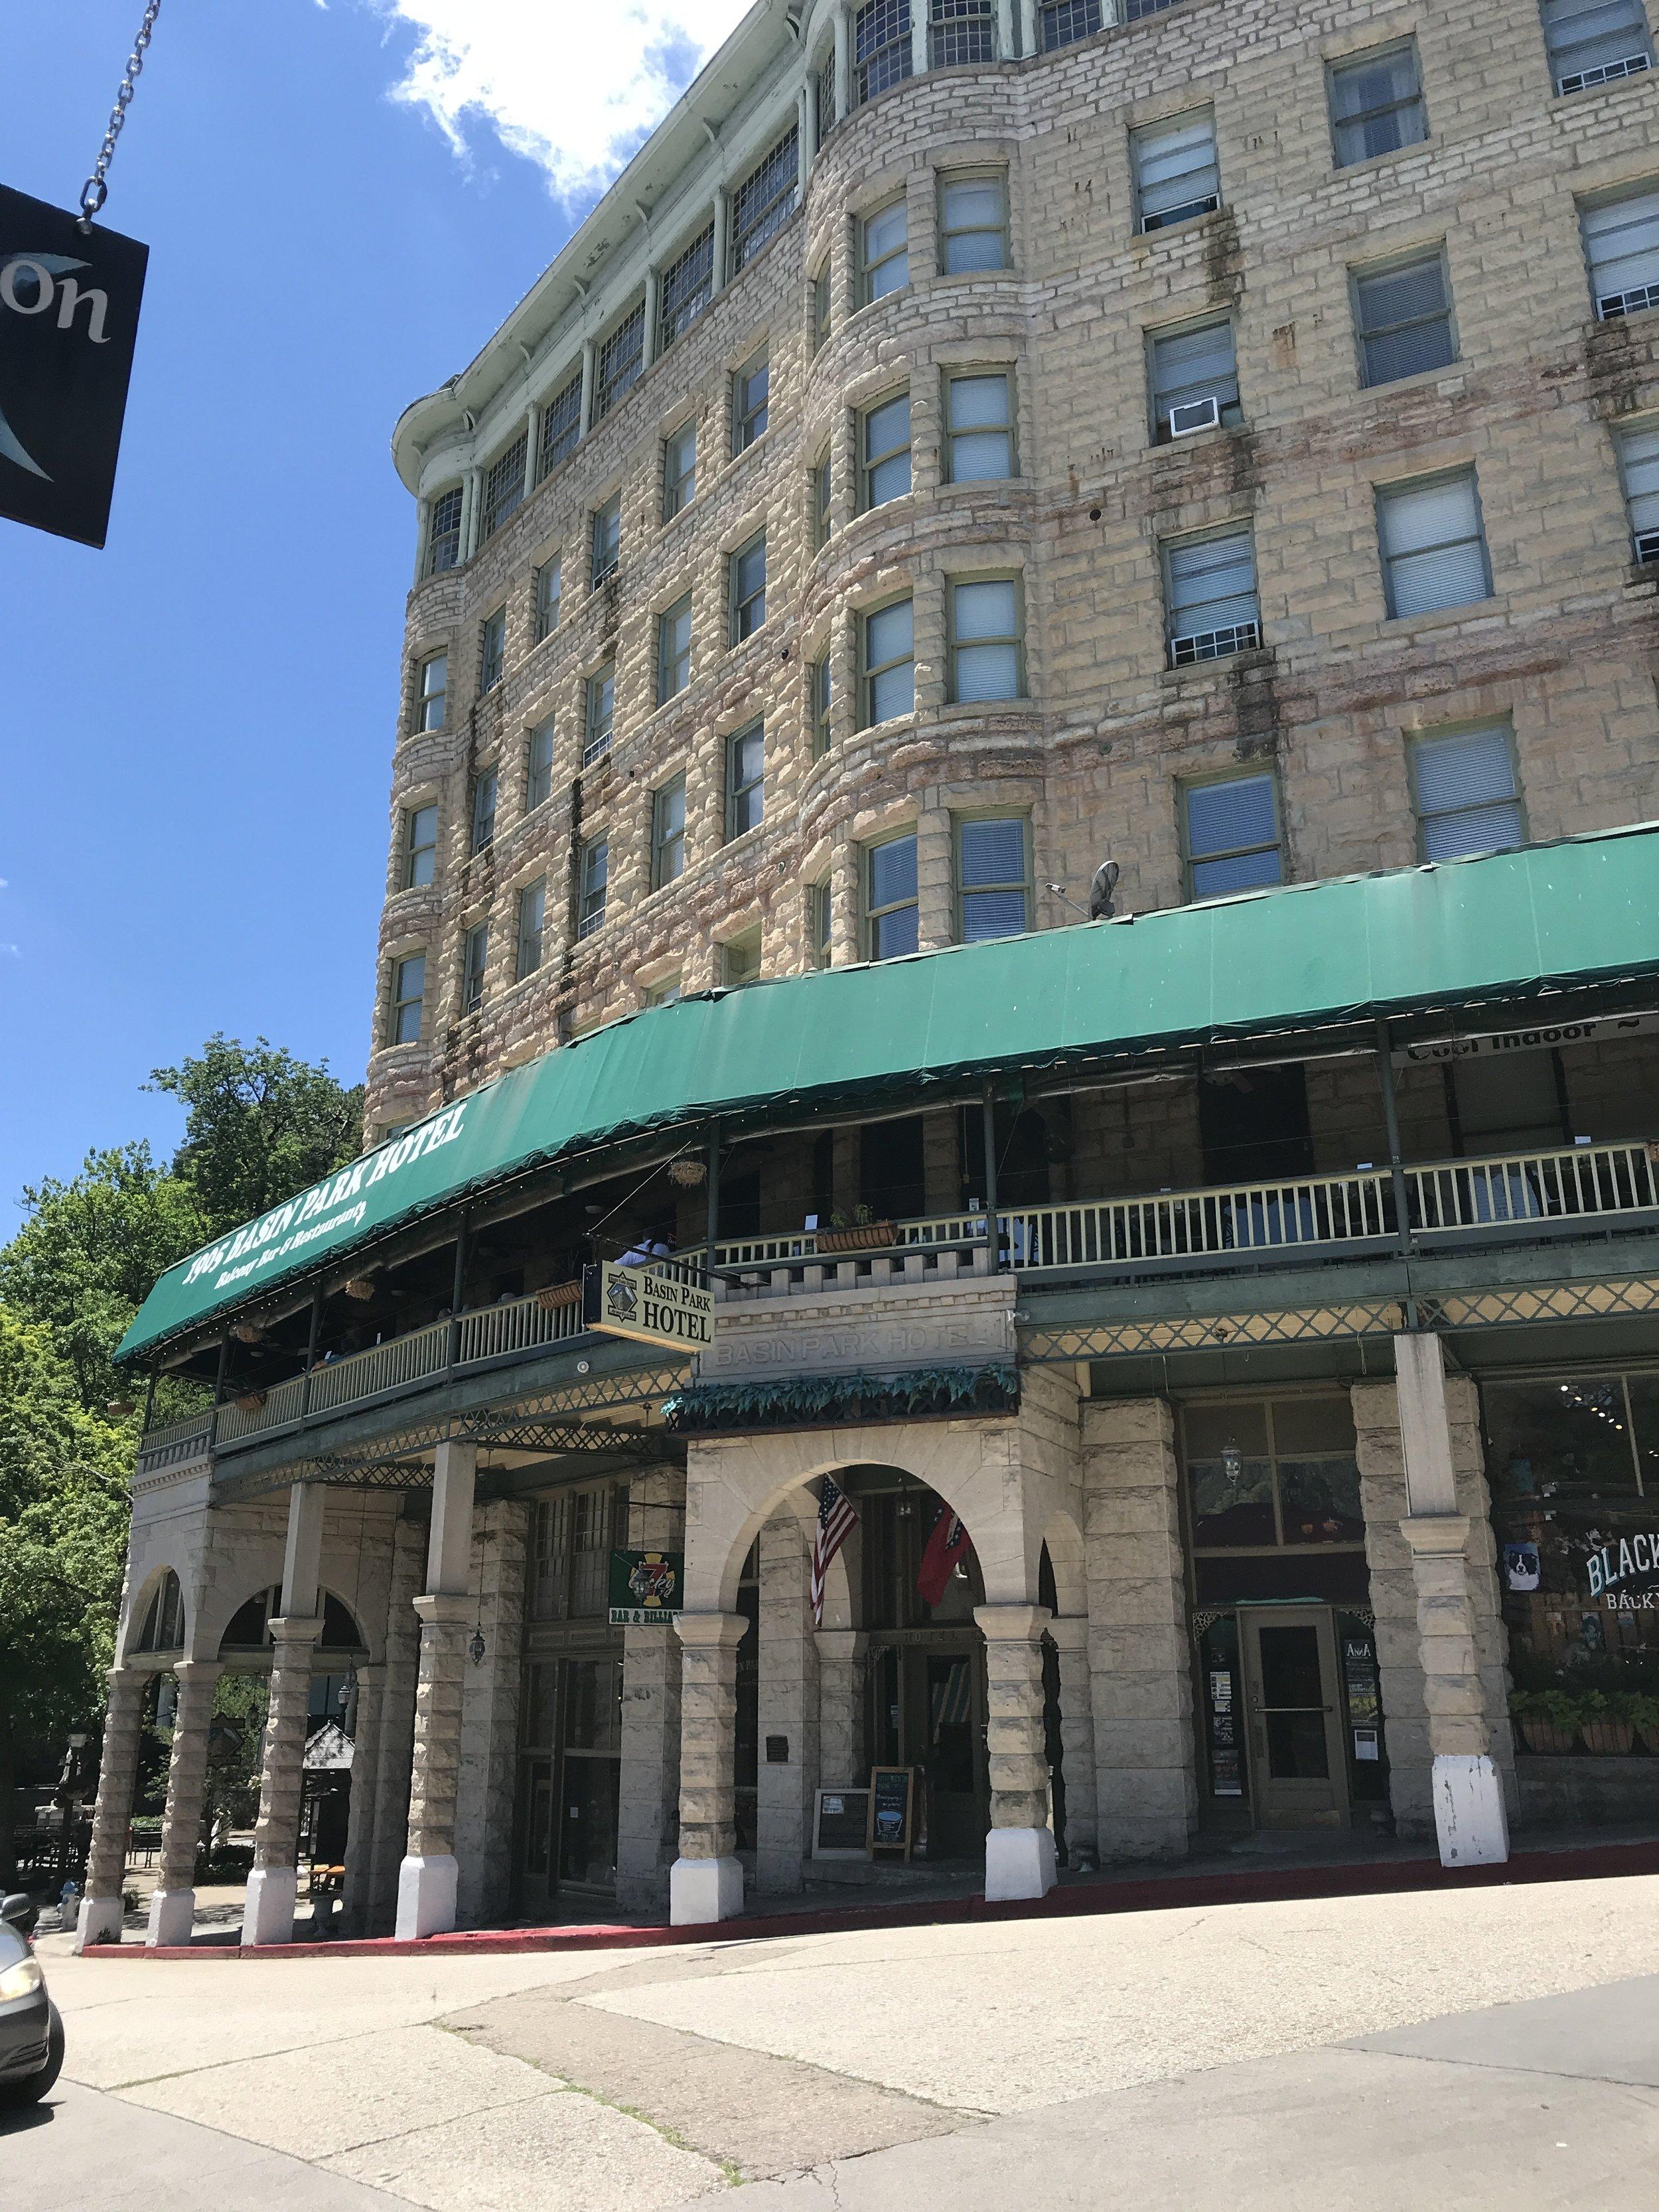 Hotel in downtown Eureka Springs